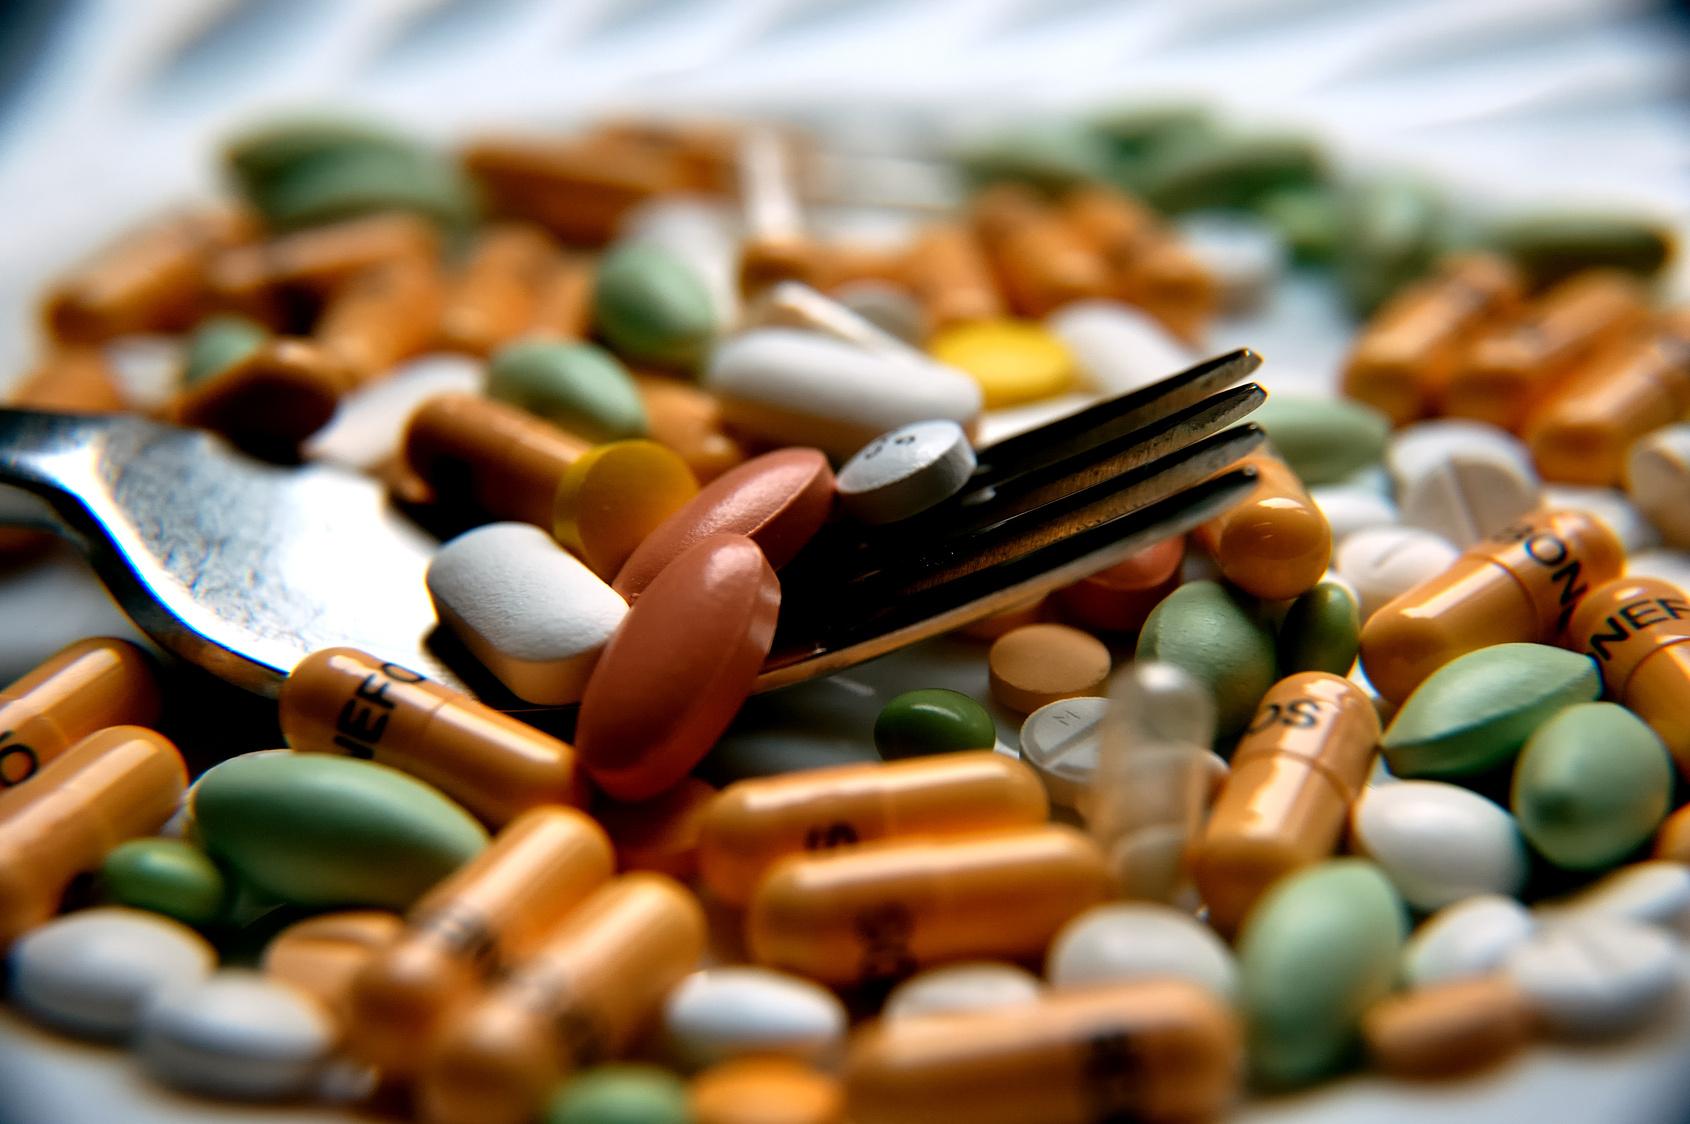 Der richtige Umgang mit Antibiotika